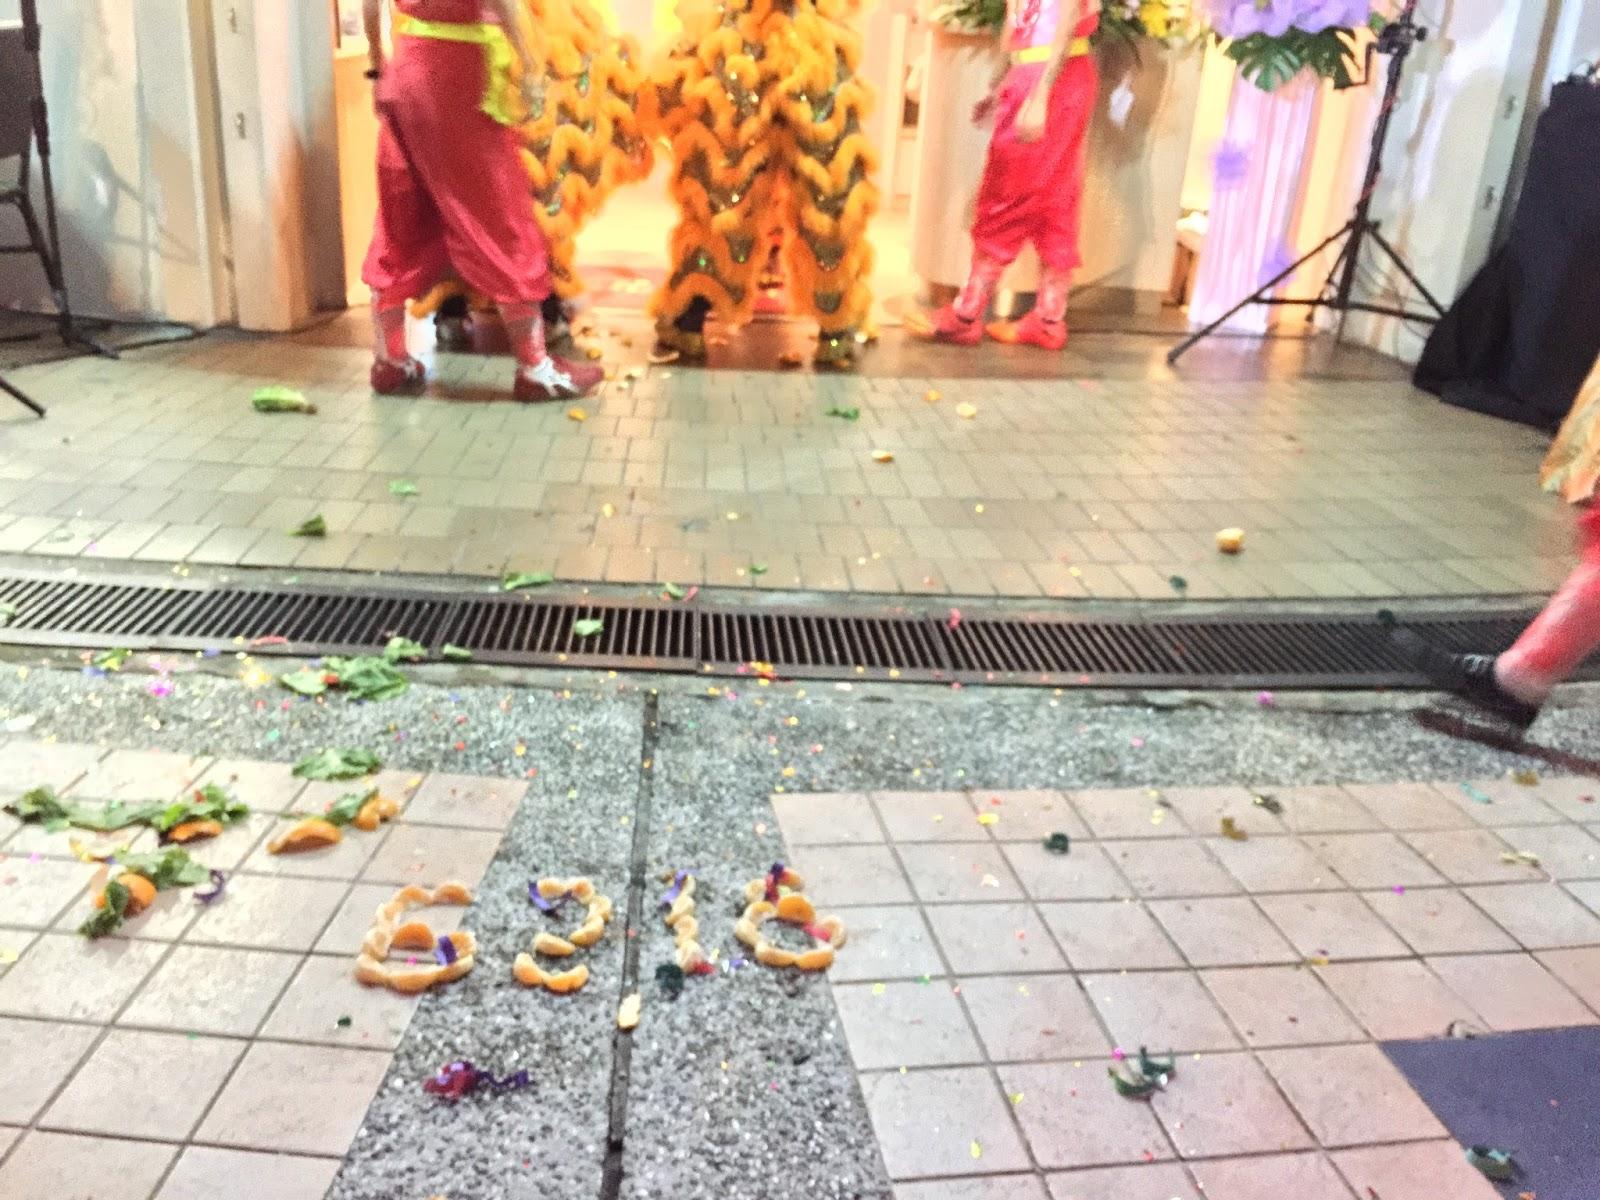 Sakura International Buffet Lion Dance 4D number